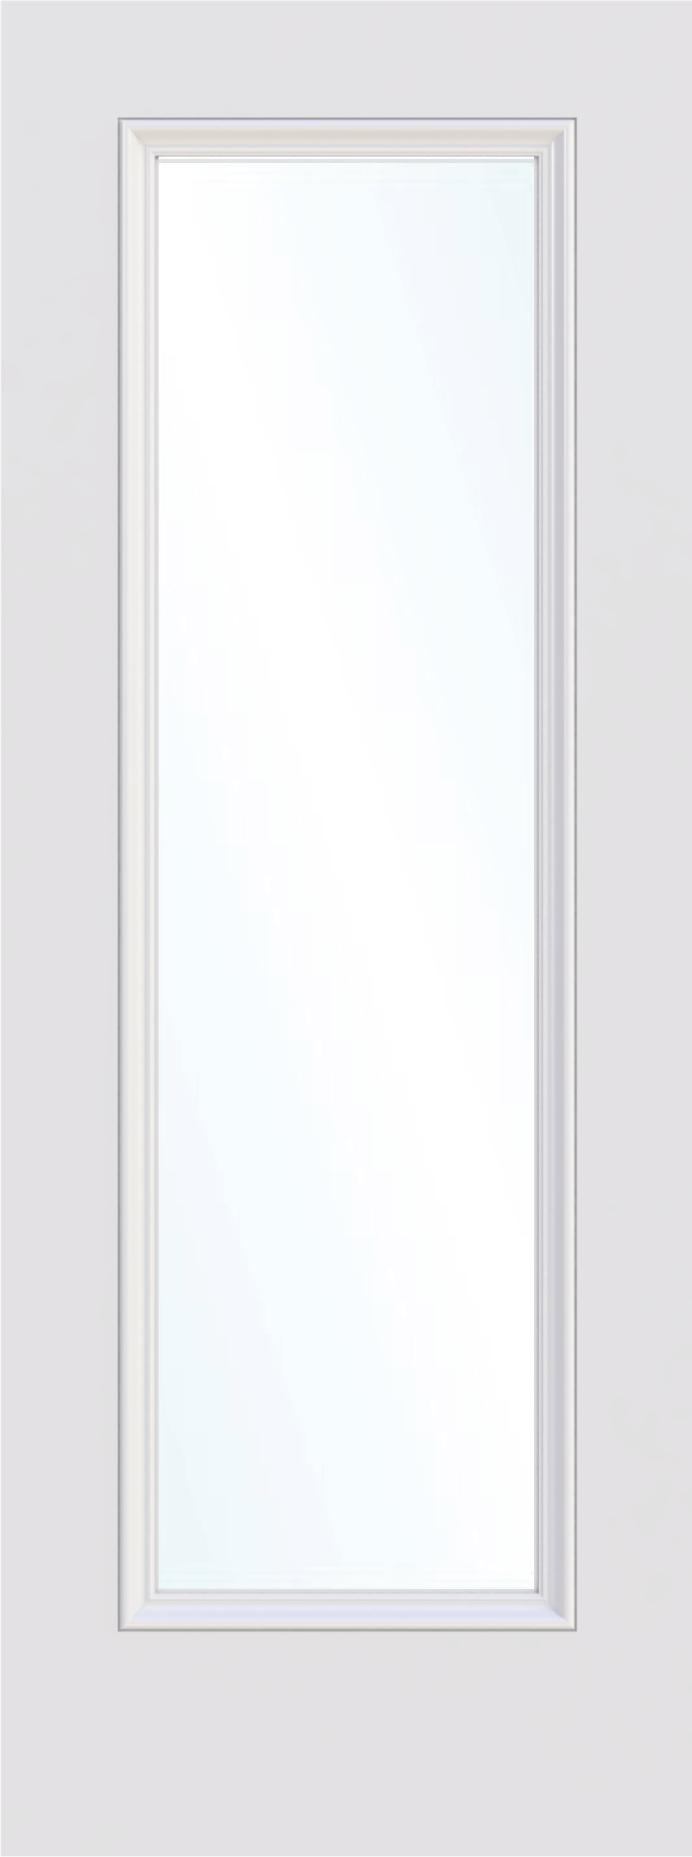 Glazed Cardiff 1 panel interior door from Trunk Doors, Bespoke fire resistant custom